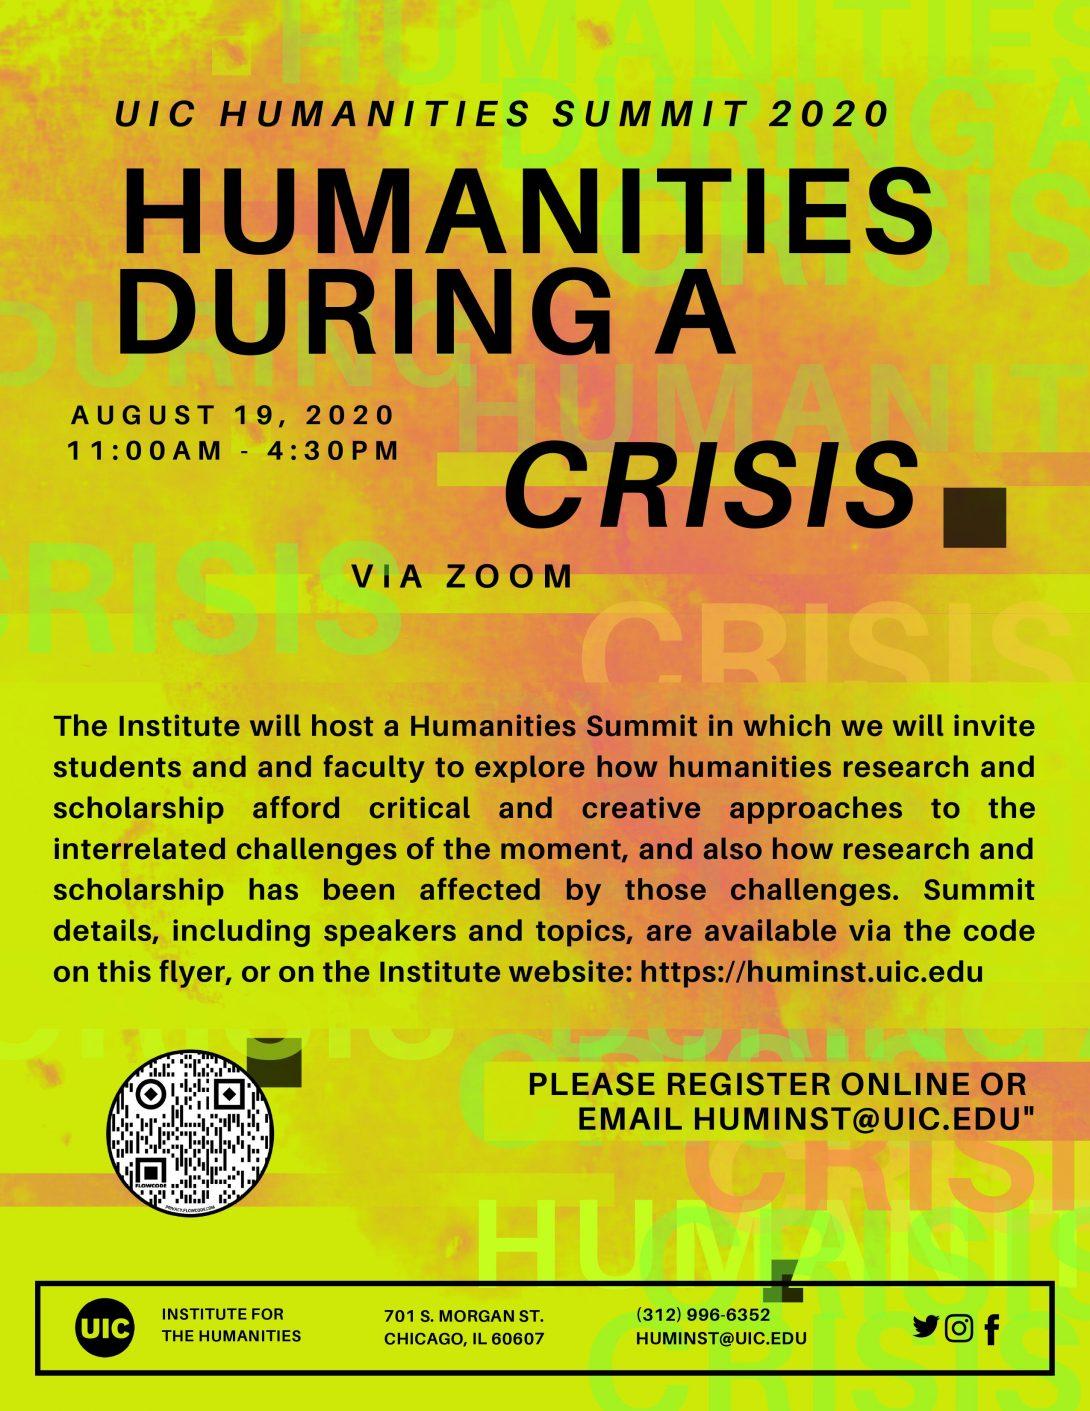 Humanities Summit 2020